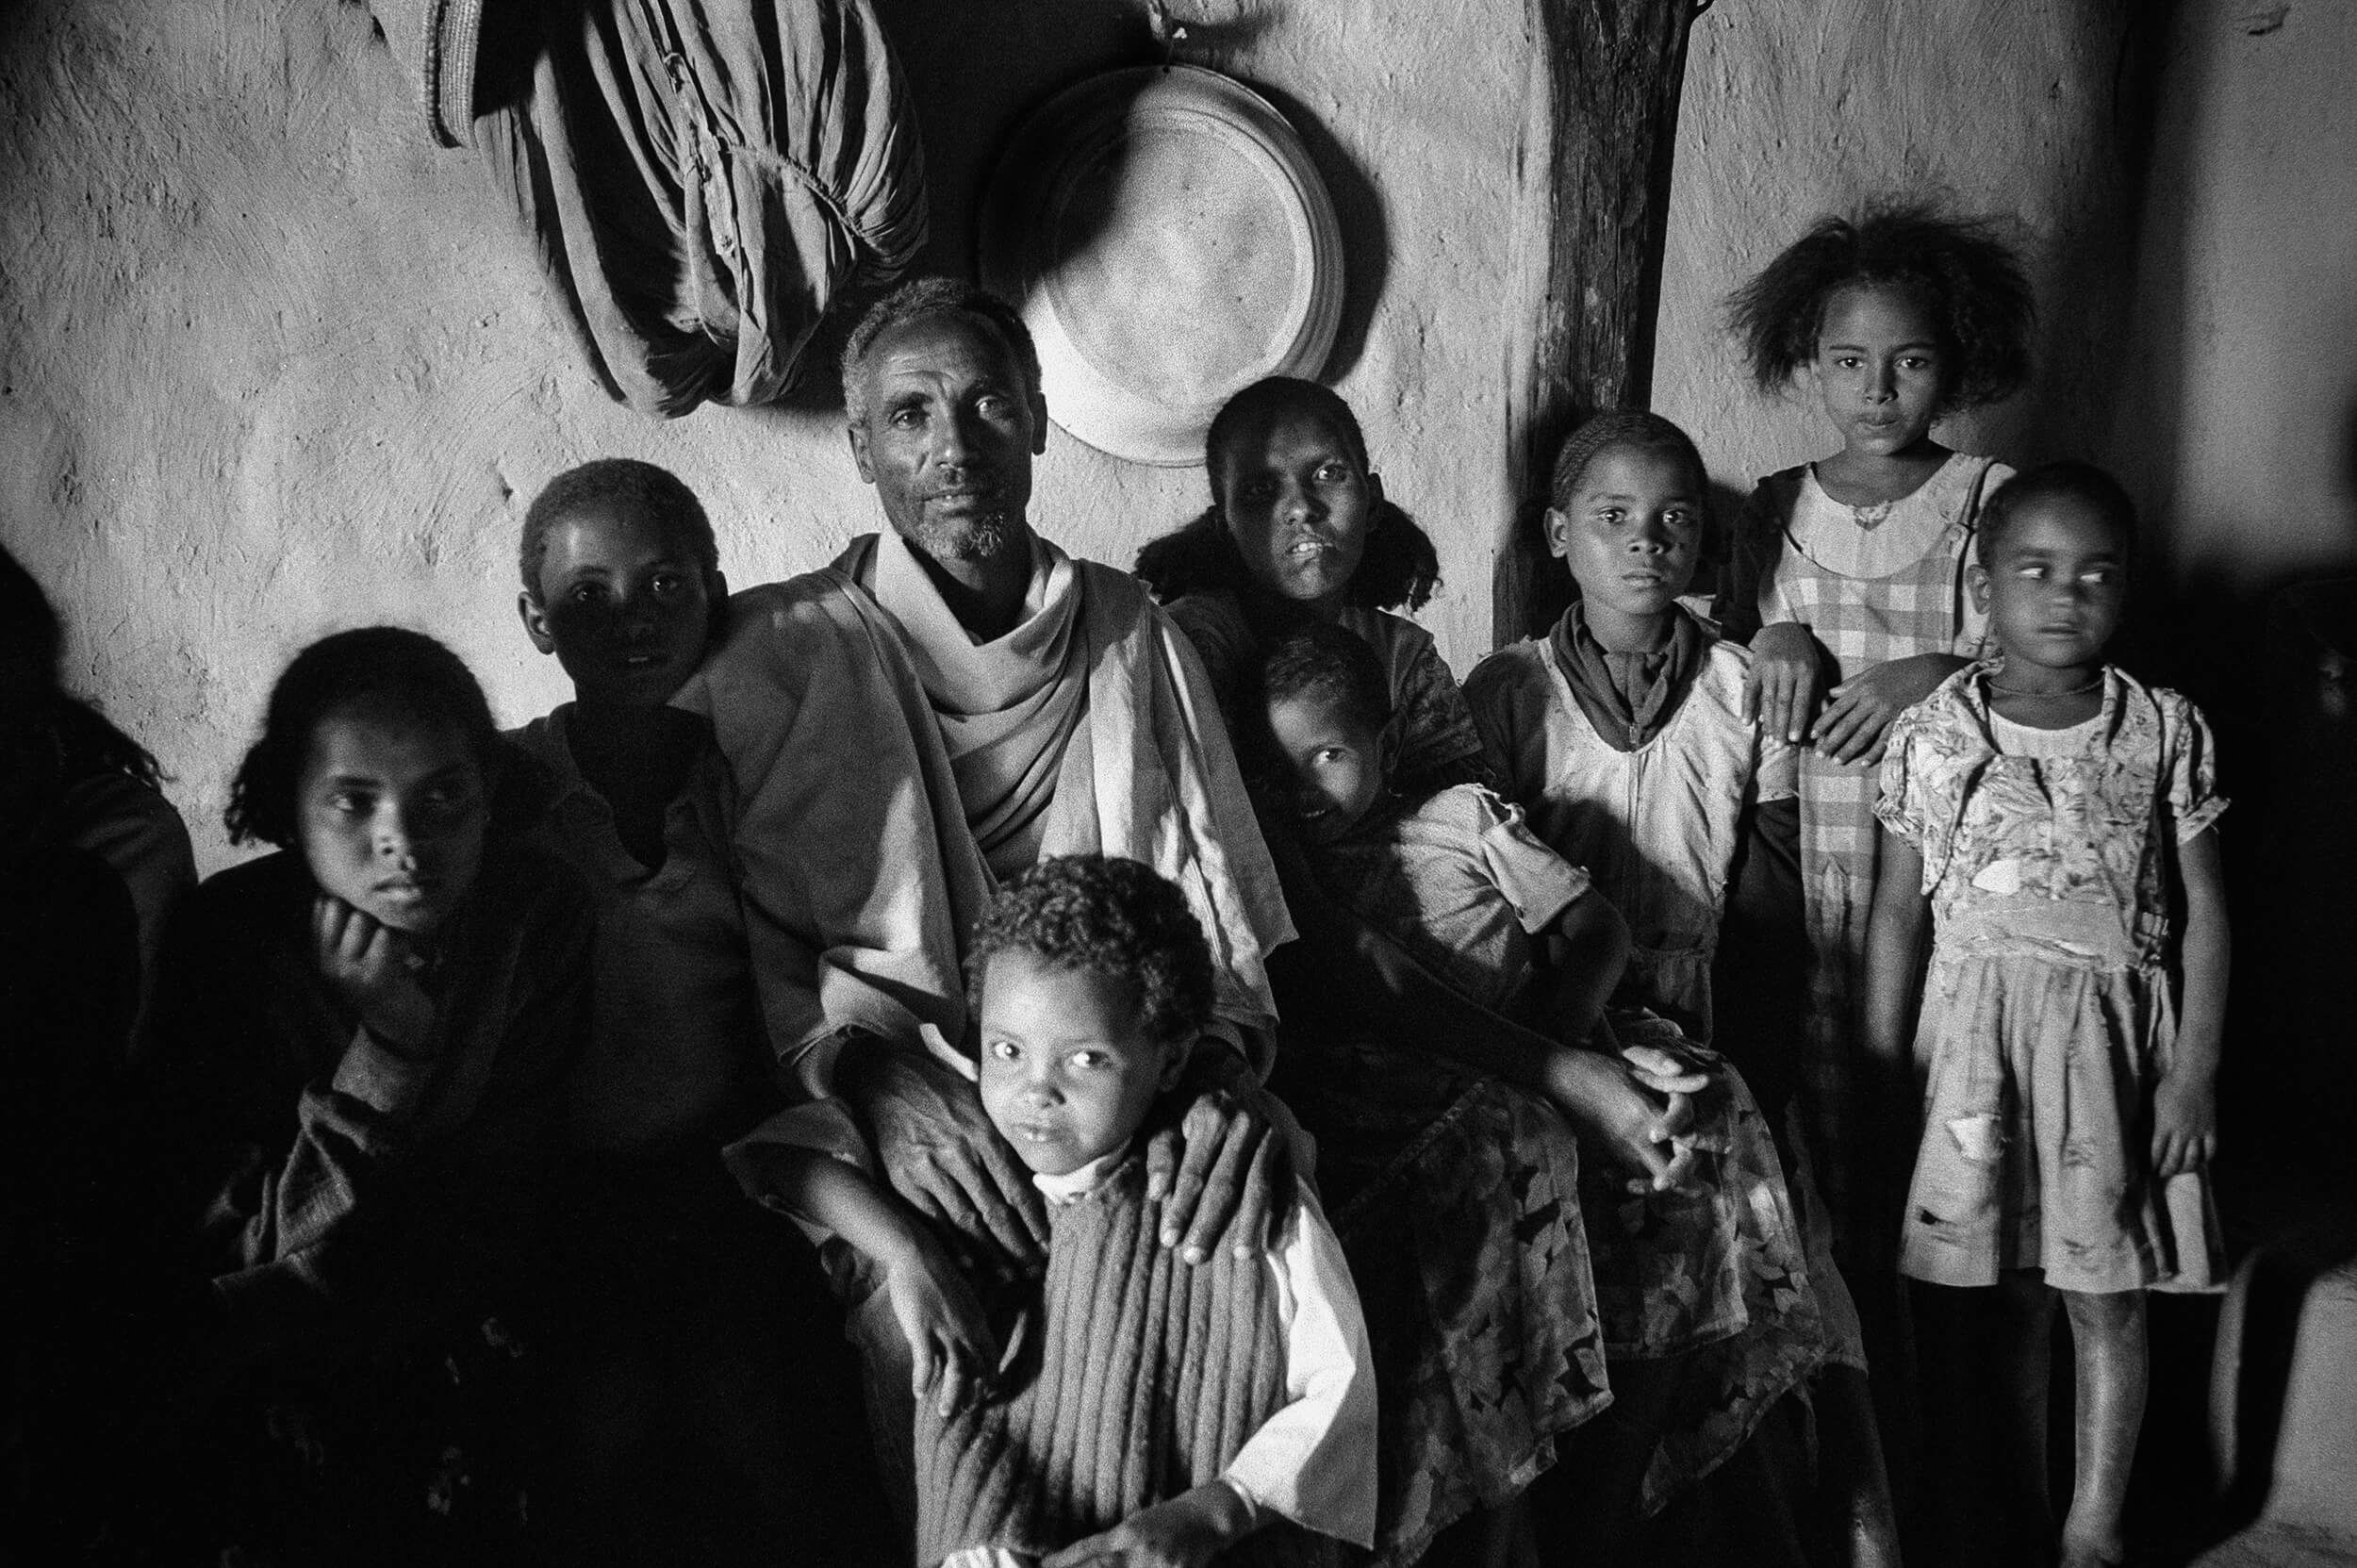 Farmer family in the small village of Mai weini in Eritrea.